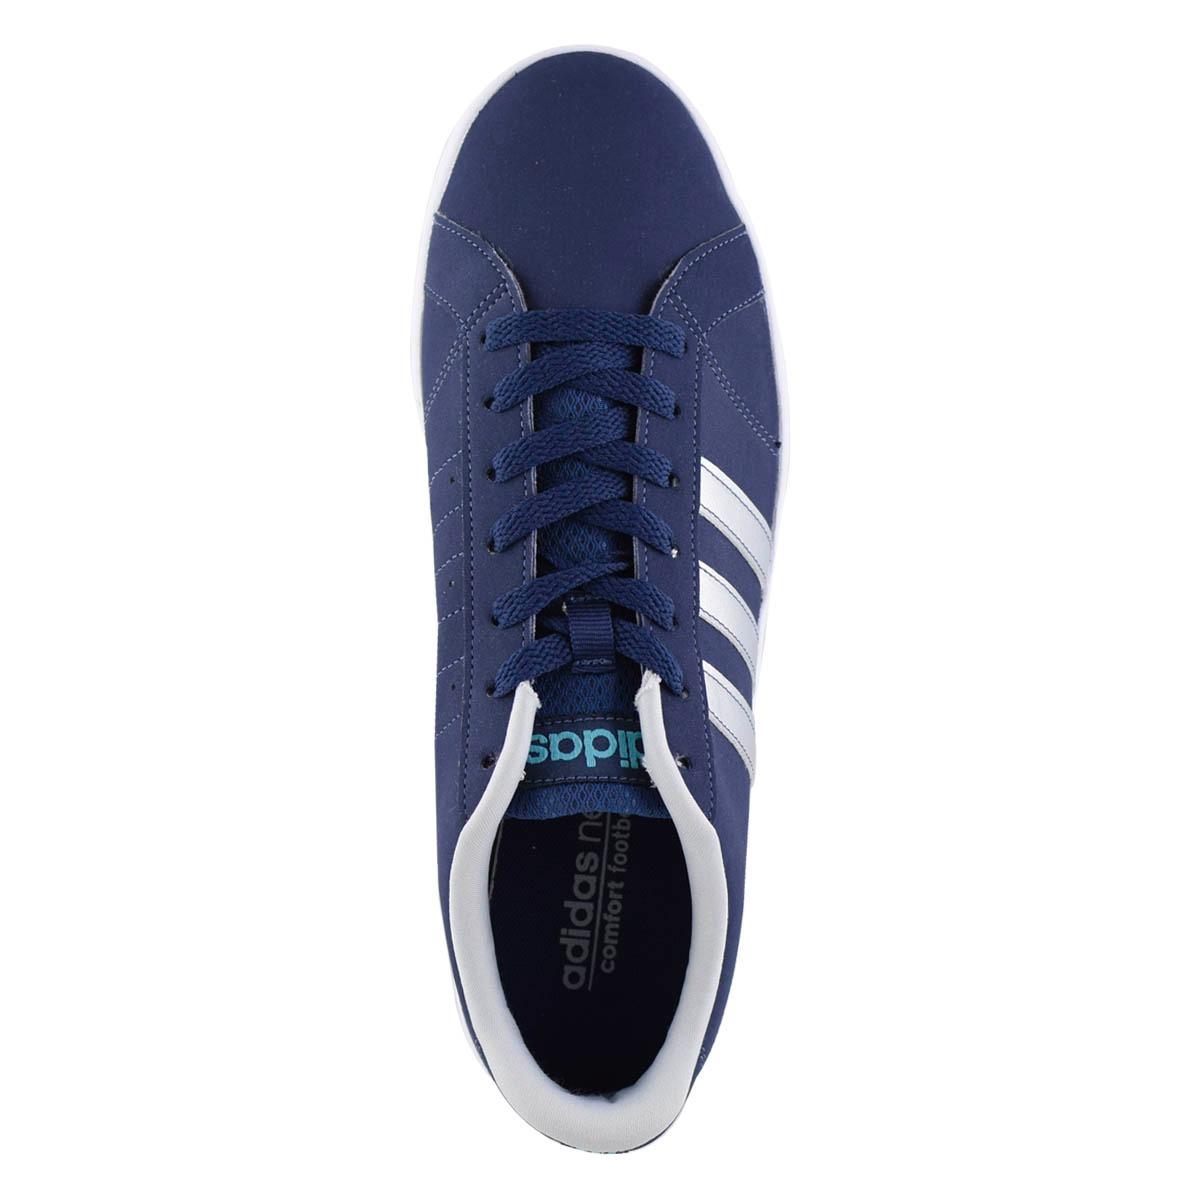 reputable site 111ff 50683 zapatillas adidas neo vs advantage hombre azul blanco. Cargando zoom.